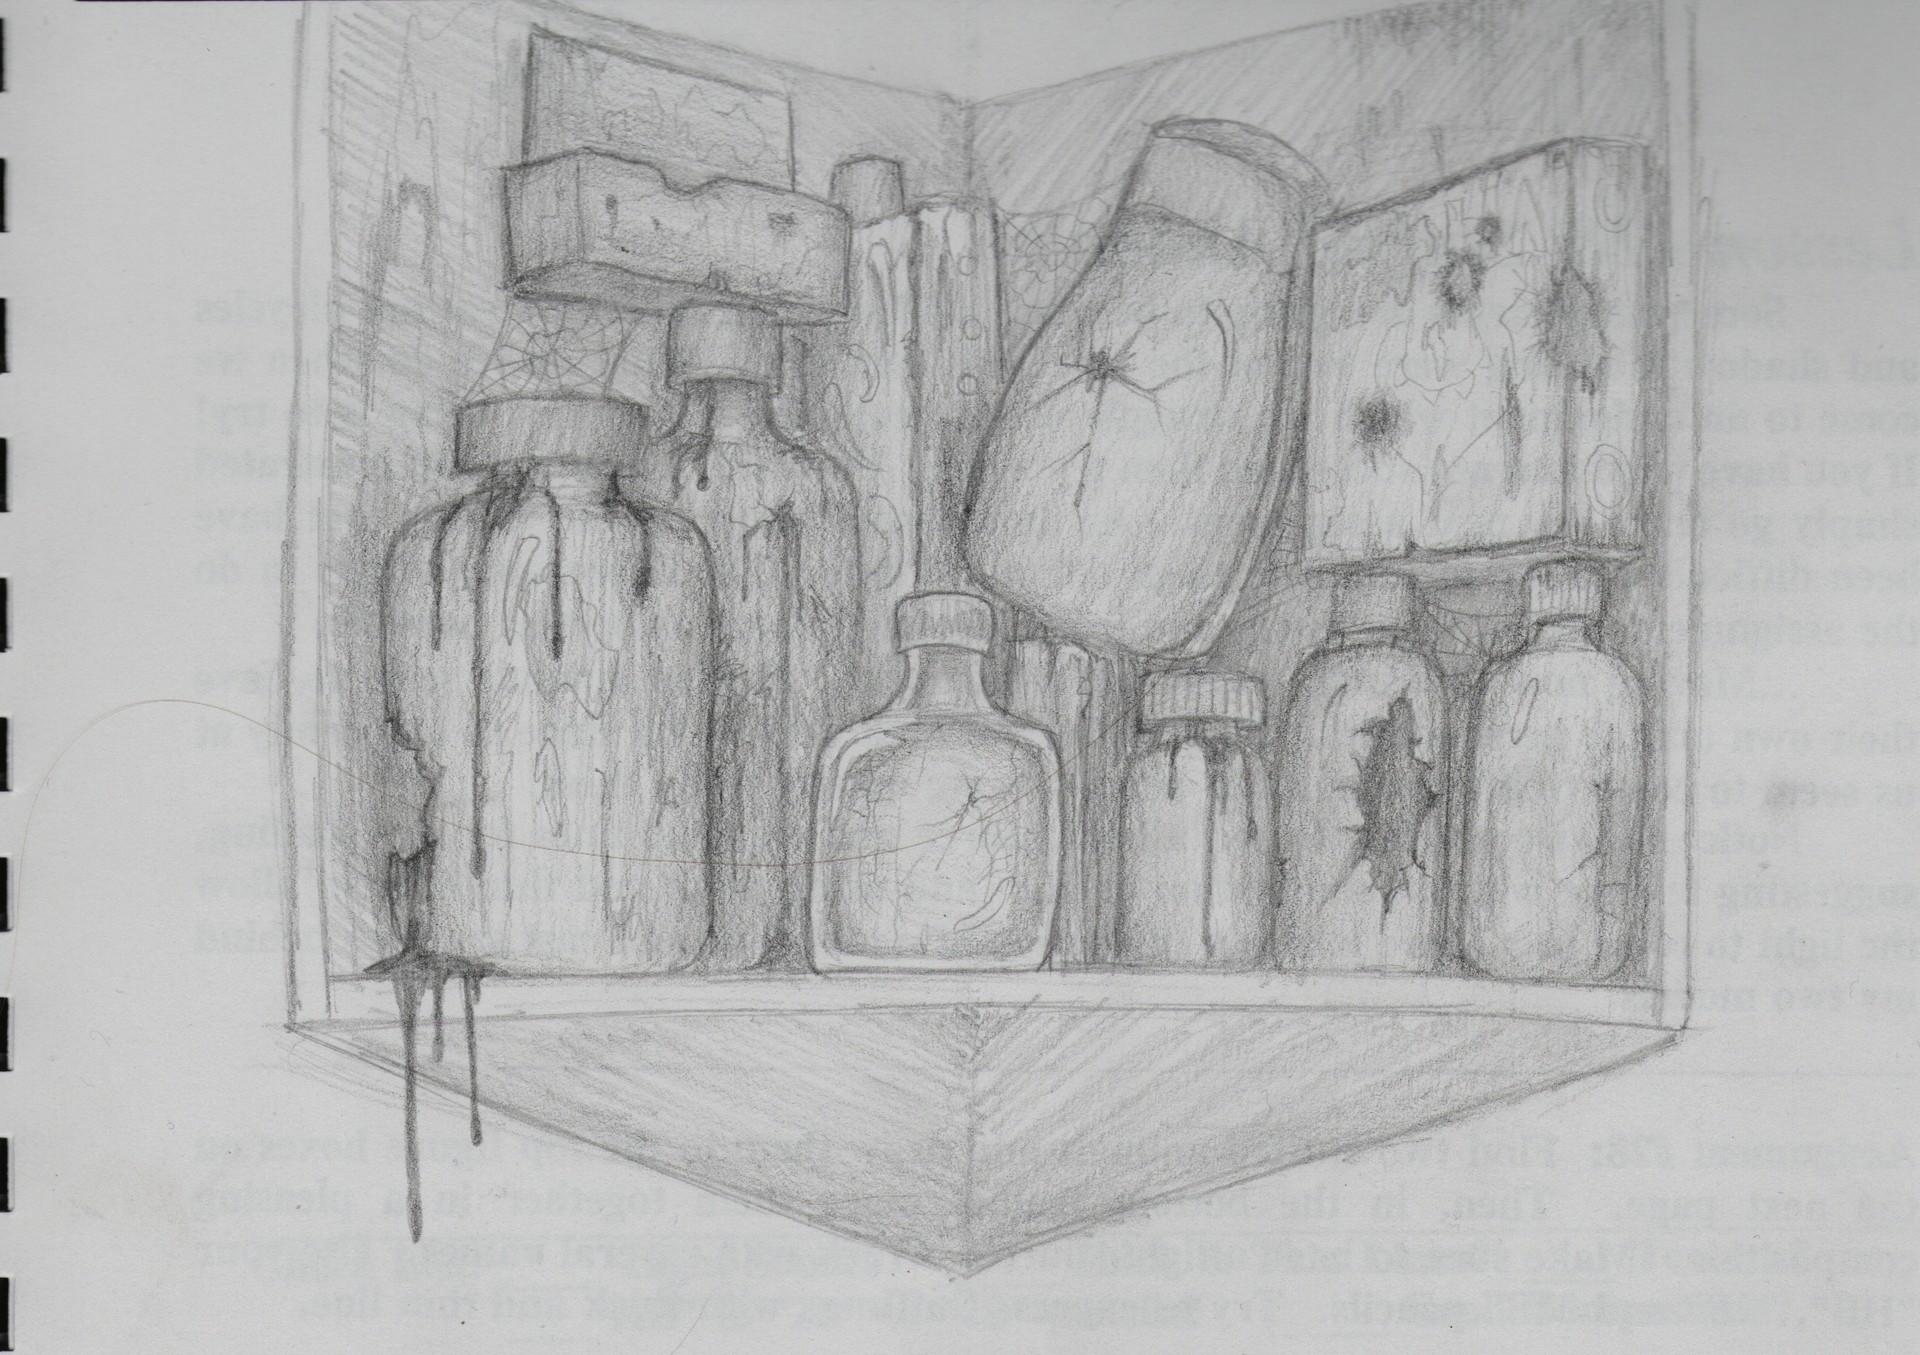 Akai shoku cabinet1